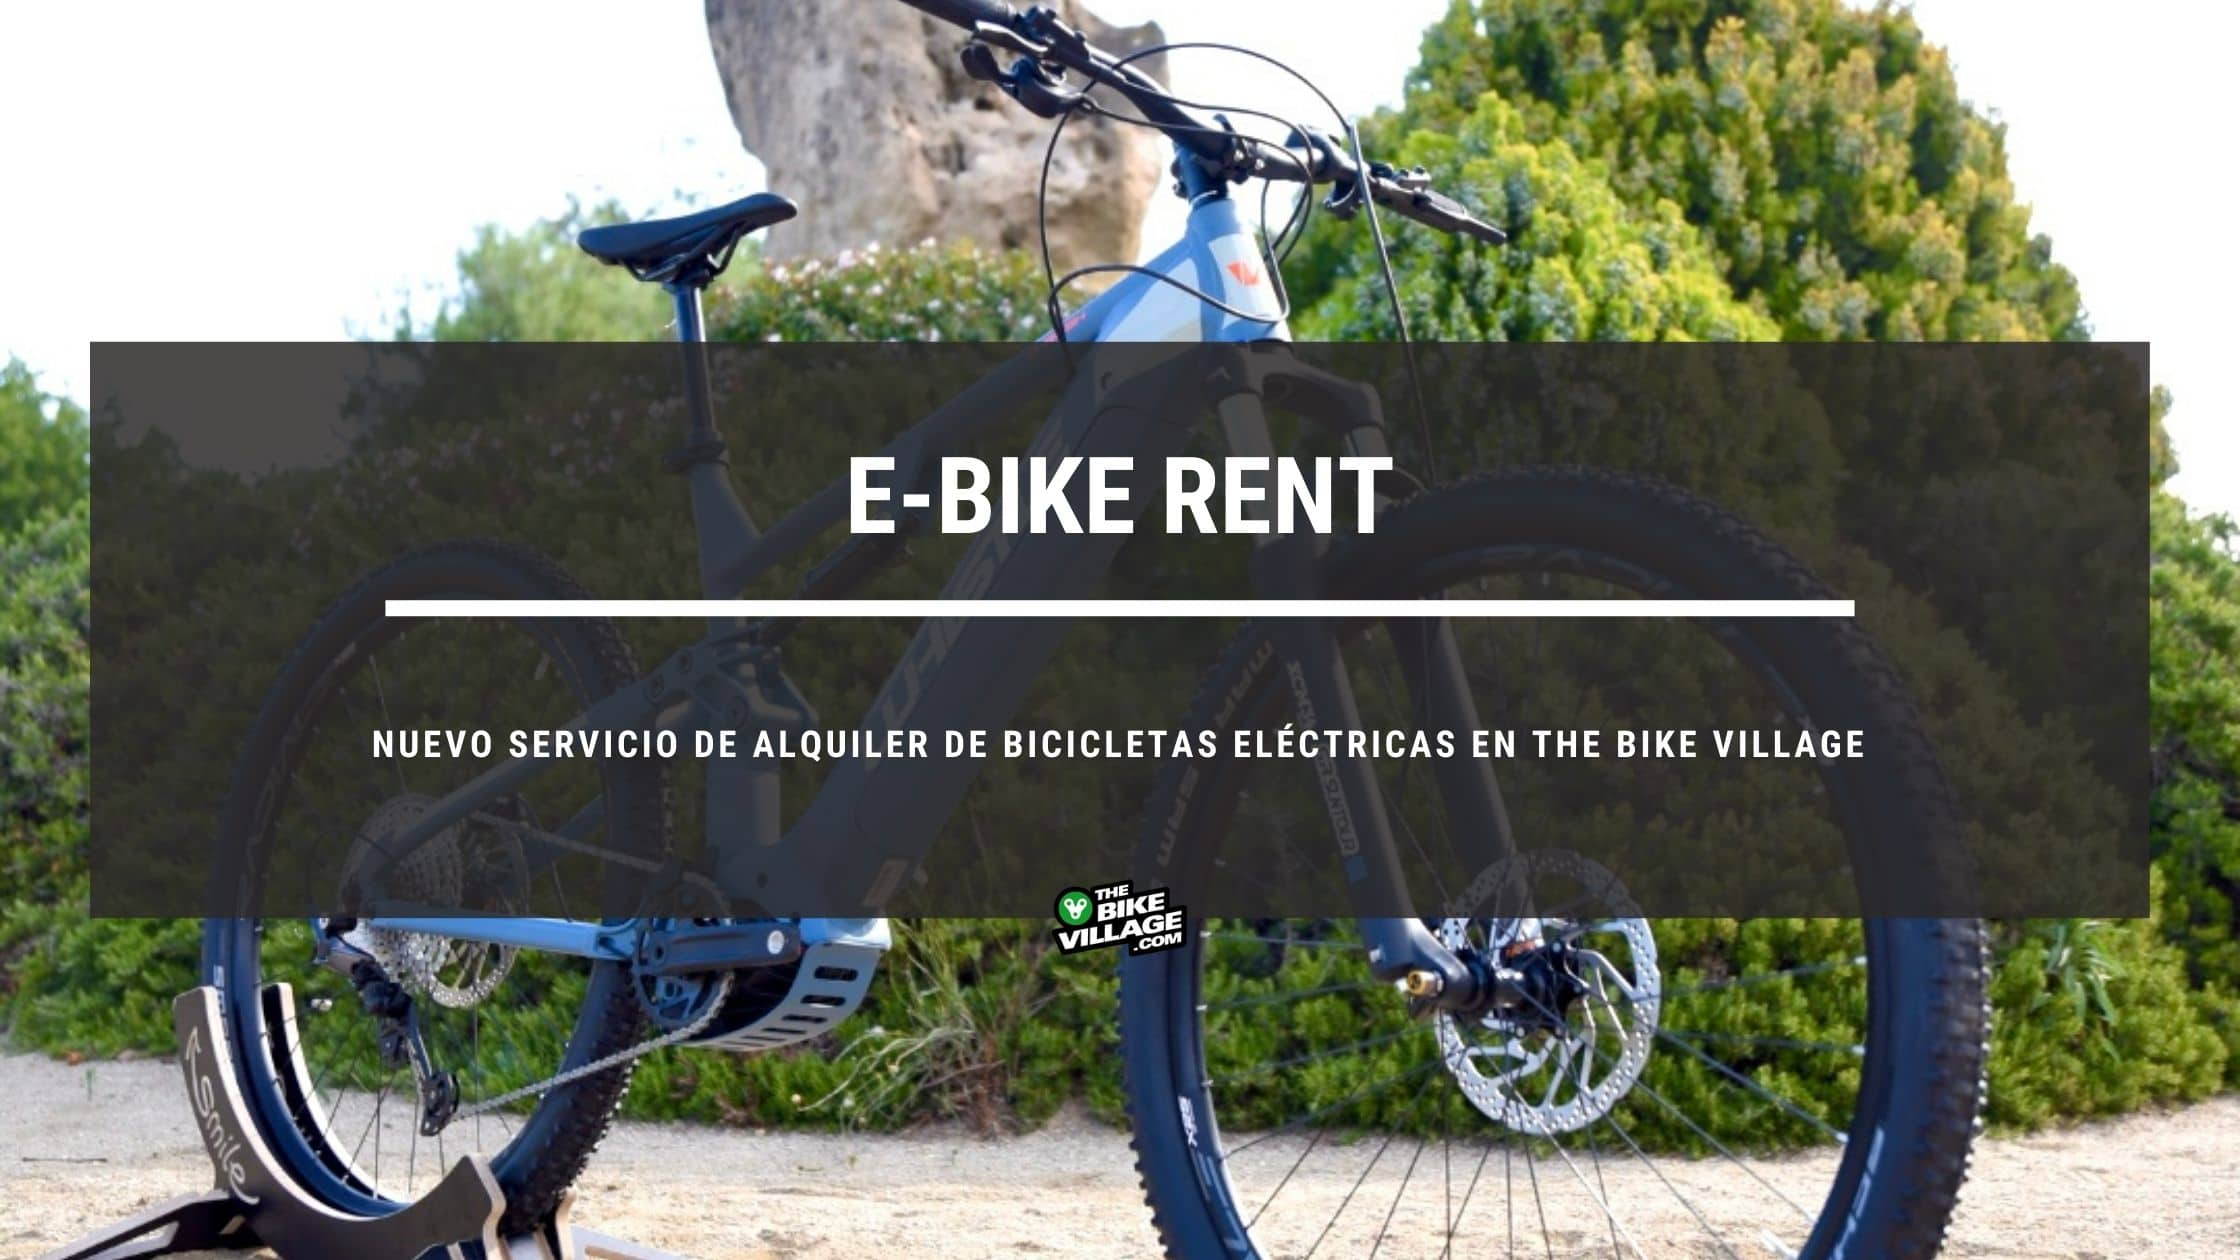 Servicio de alquiler de bicicletas eléctricas E-Bike Rent